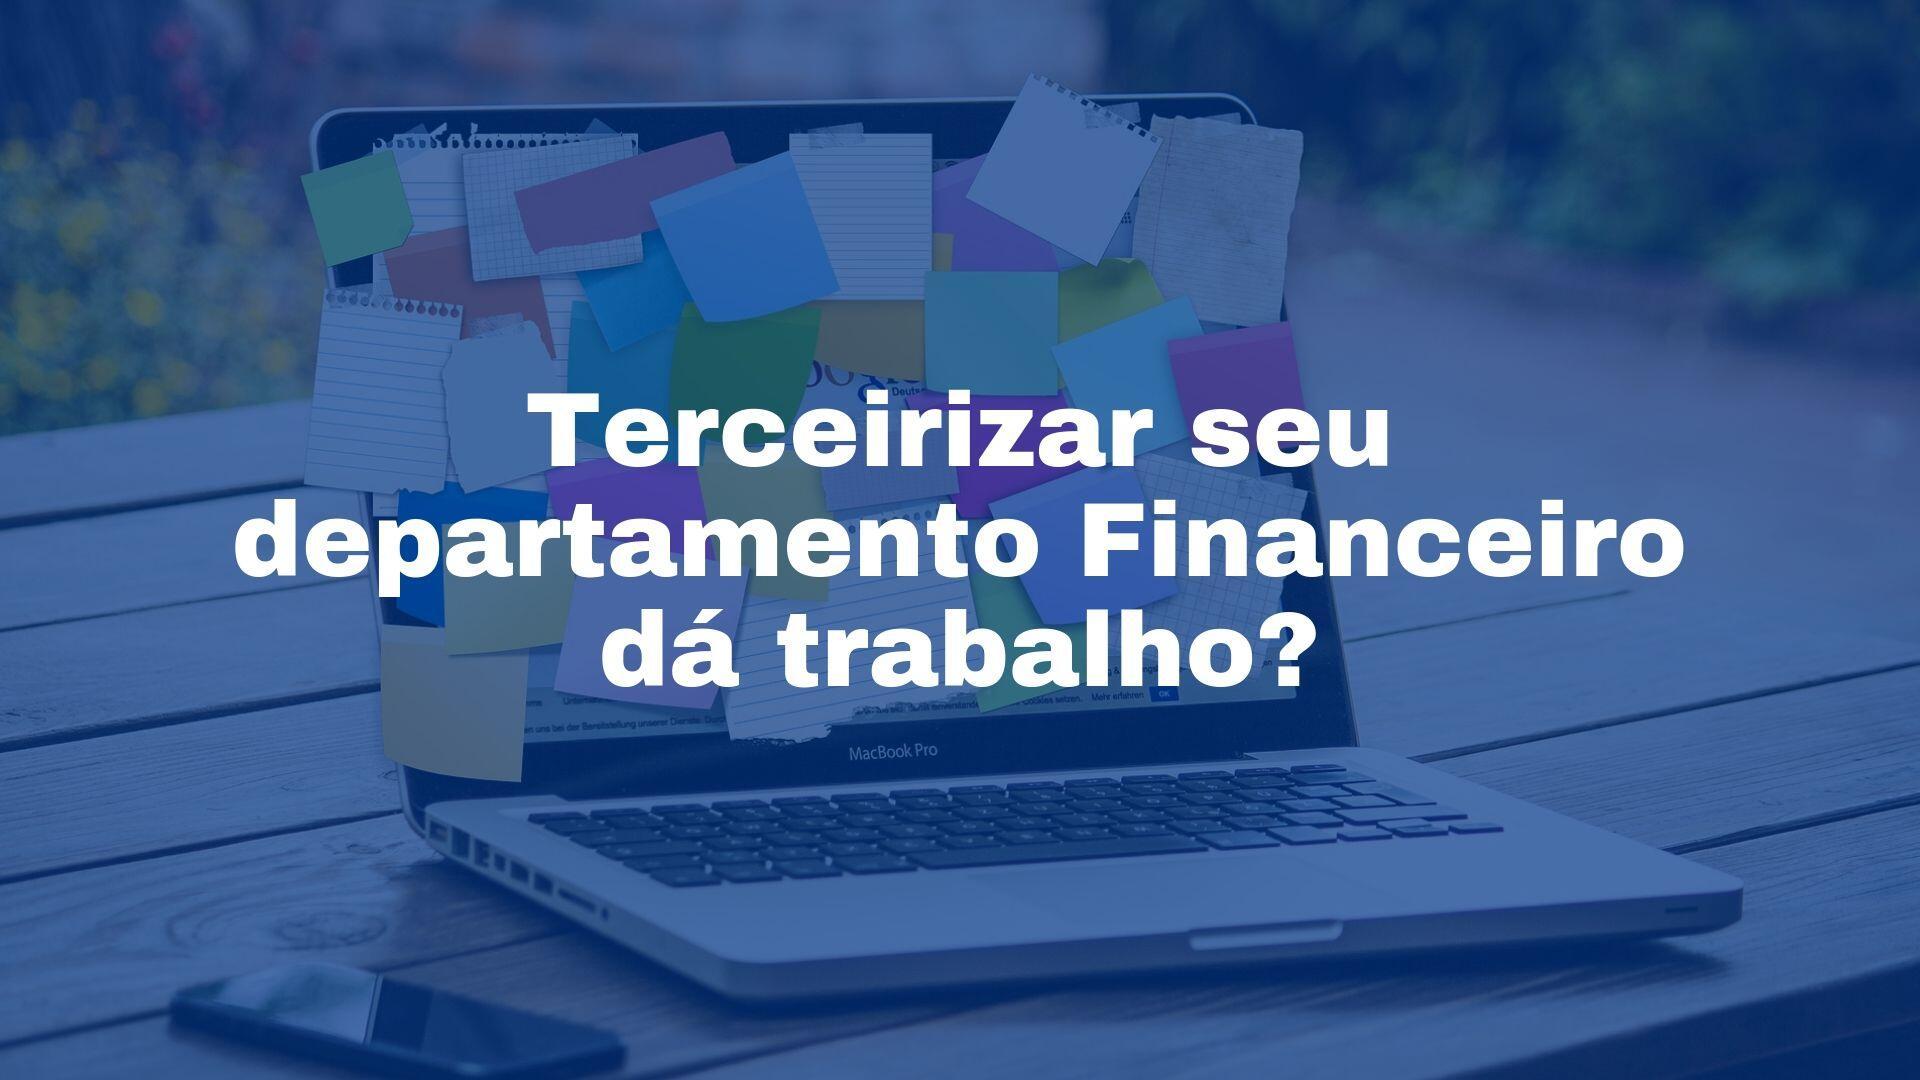 Terceirizar departamento Financeiro